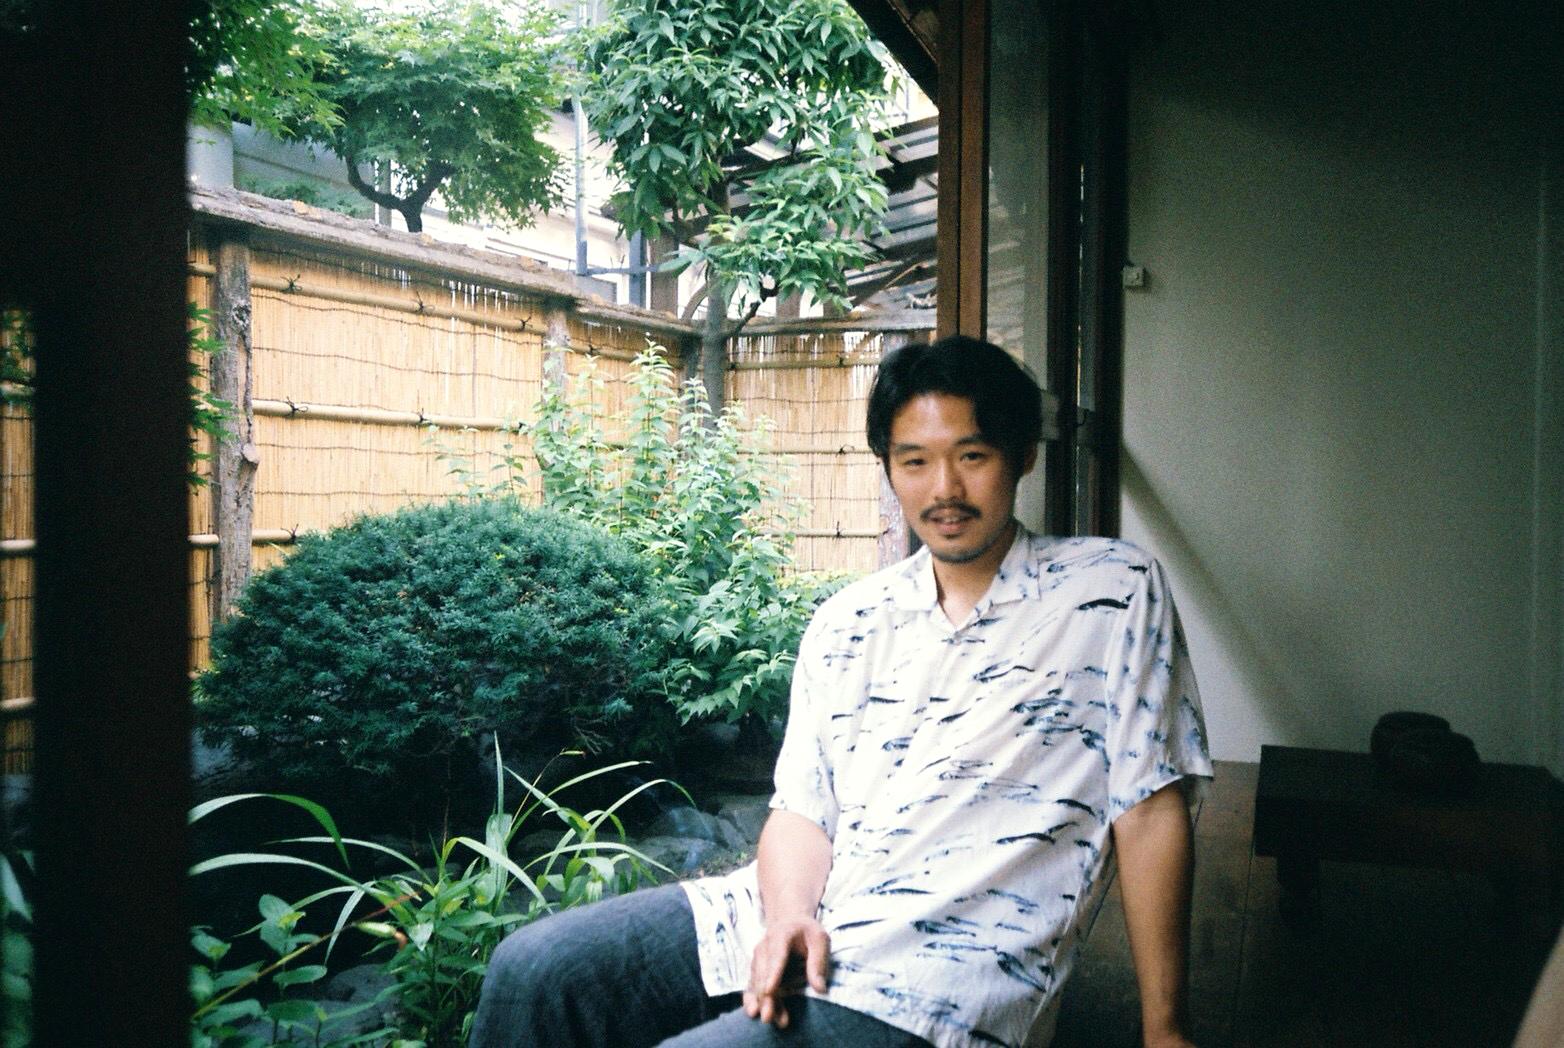 Photographer 北岡稔章が所属になりました。